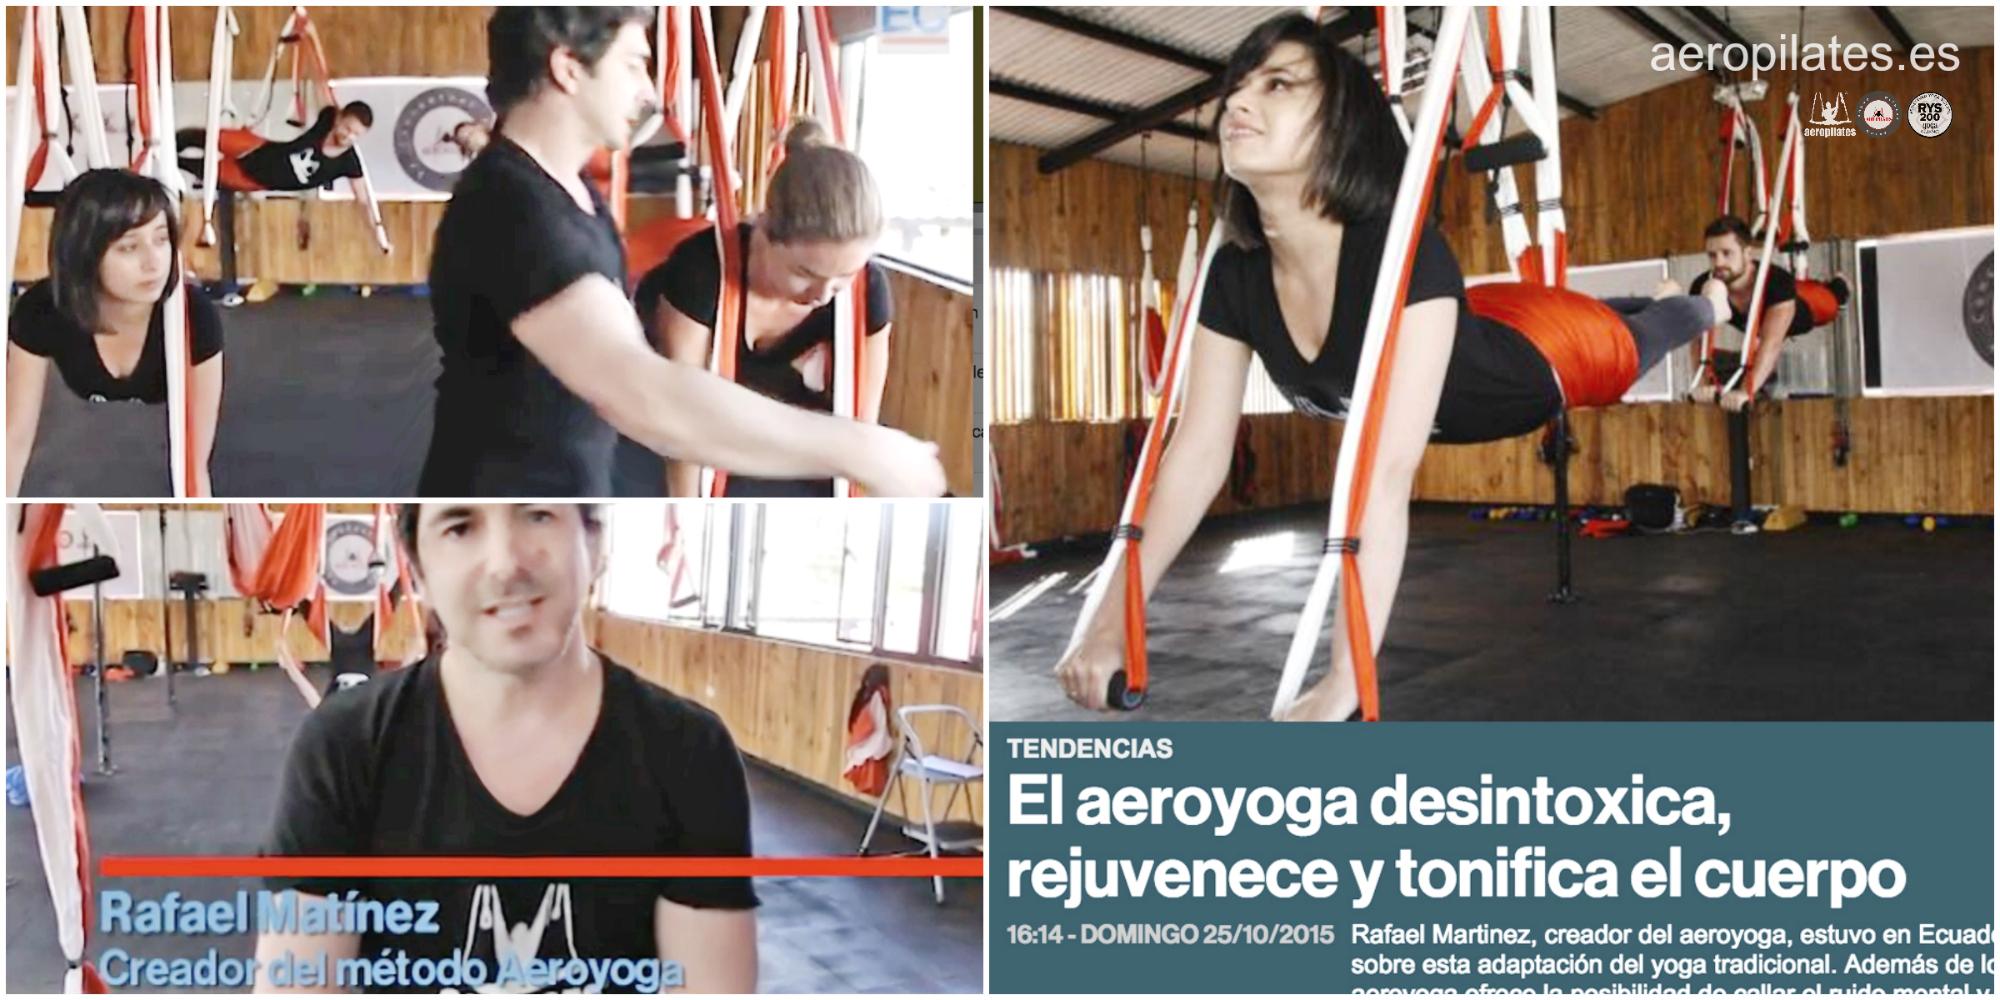 Bases del AeroYoga®, Entrevista  TV a Rafael Martinez en el Comercio de Ecuador